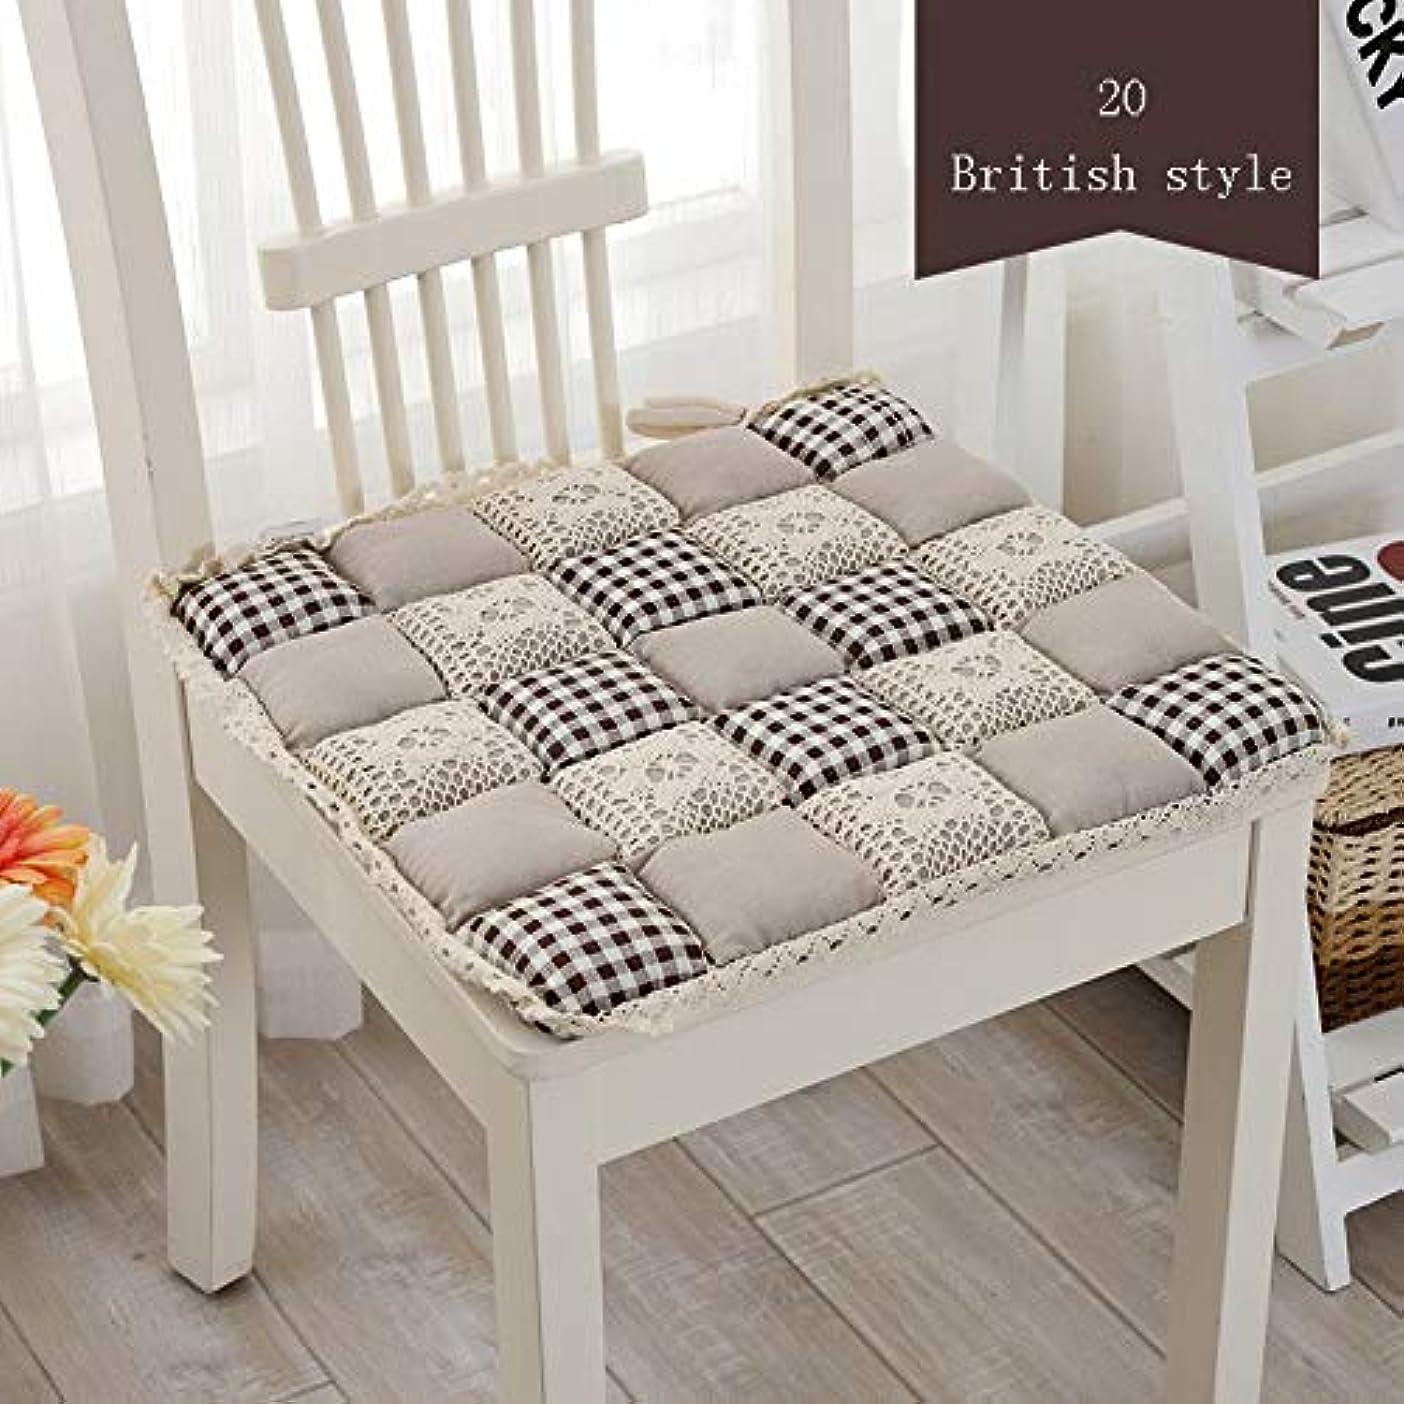 ひいきにする恐れクックLIFE 1 個抗褥瘡綿椅子クッション 24 色ファッションオフィス正方形クッション学生チェアクッション家の装飾厚み クッション 椅子